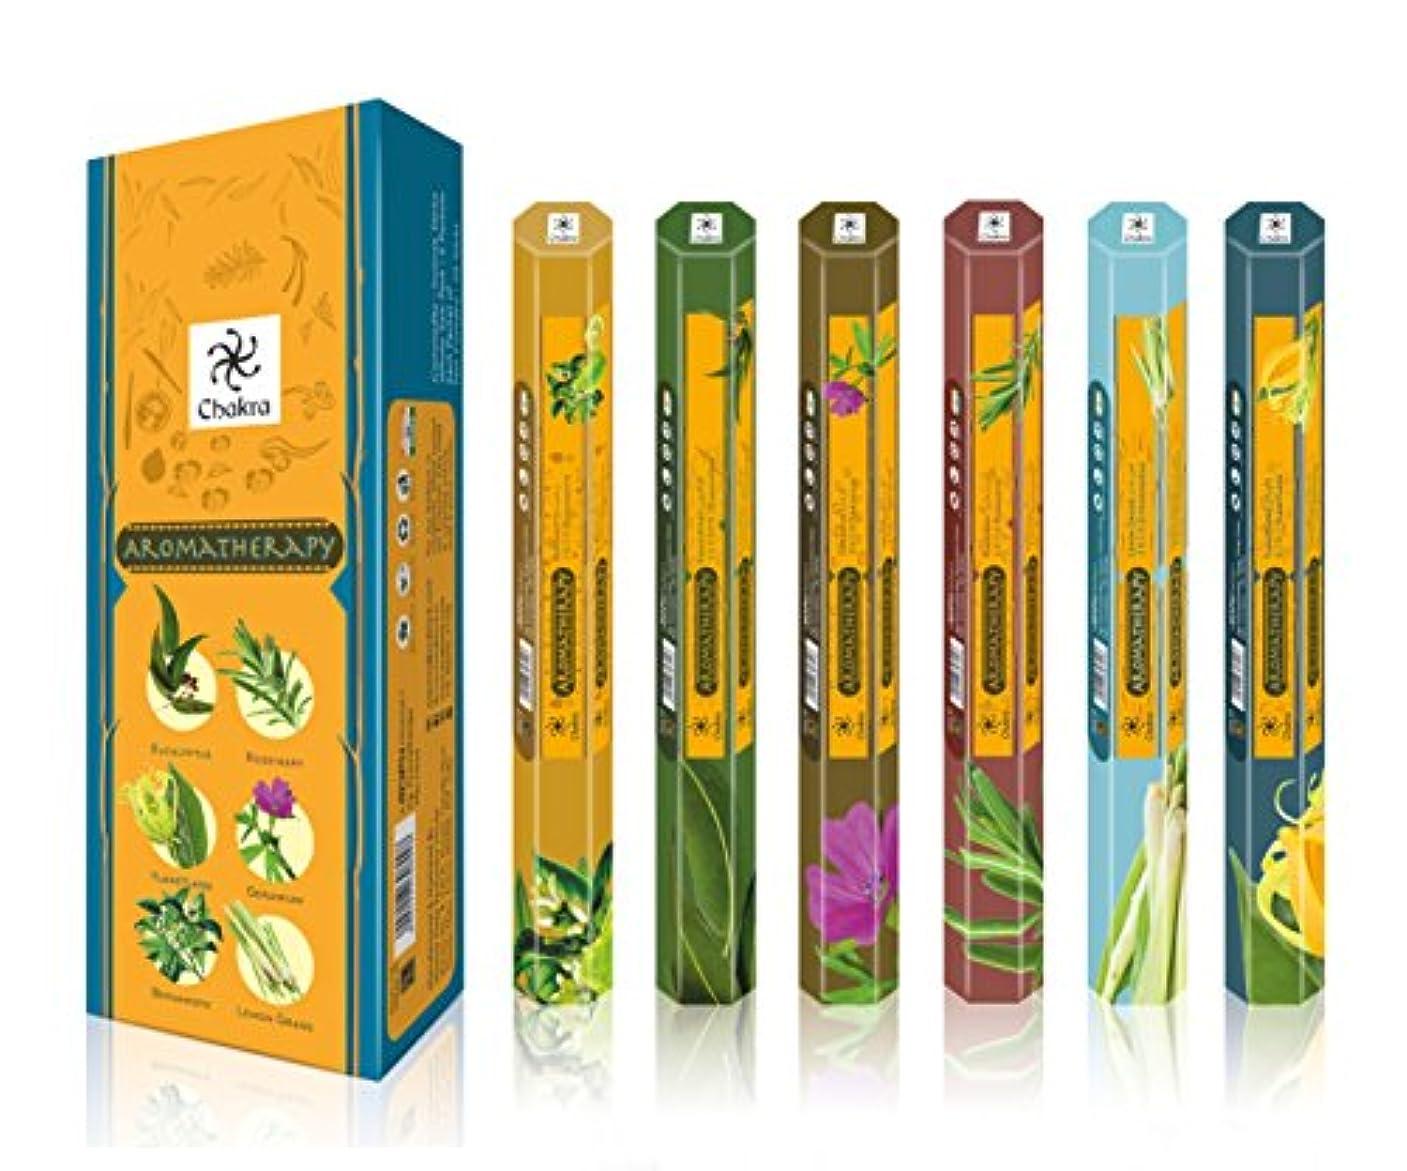 激怒前提条件スピリチュアルアロマセラピーナチュラルフレグランス香りつきSticks – 促進健康とWell being- 20 Incense Sticks Perボックス – Long Lasting 120 Fragrance Sticks ...